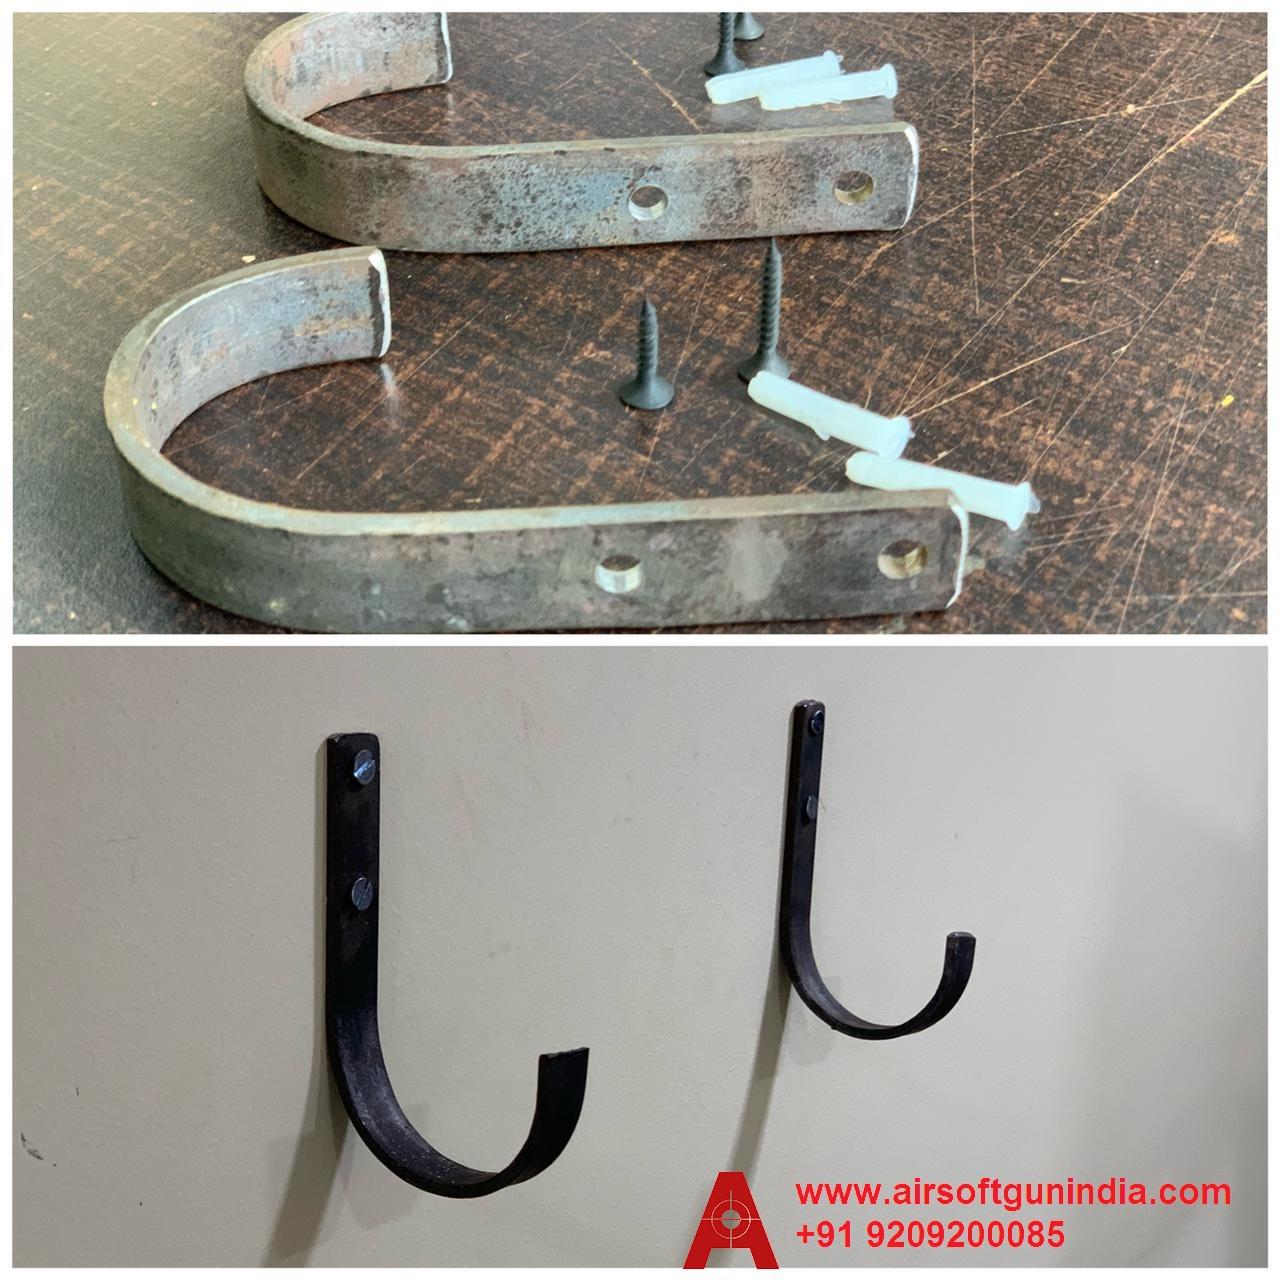 Airsoft Gun India Rilfe  Wall Mount Storage J-Hook  Rifle Shot Gun Hanger